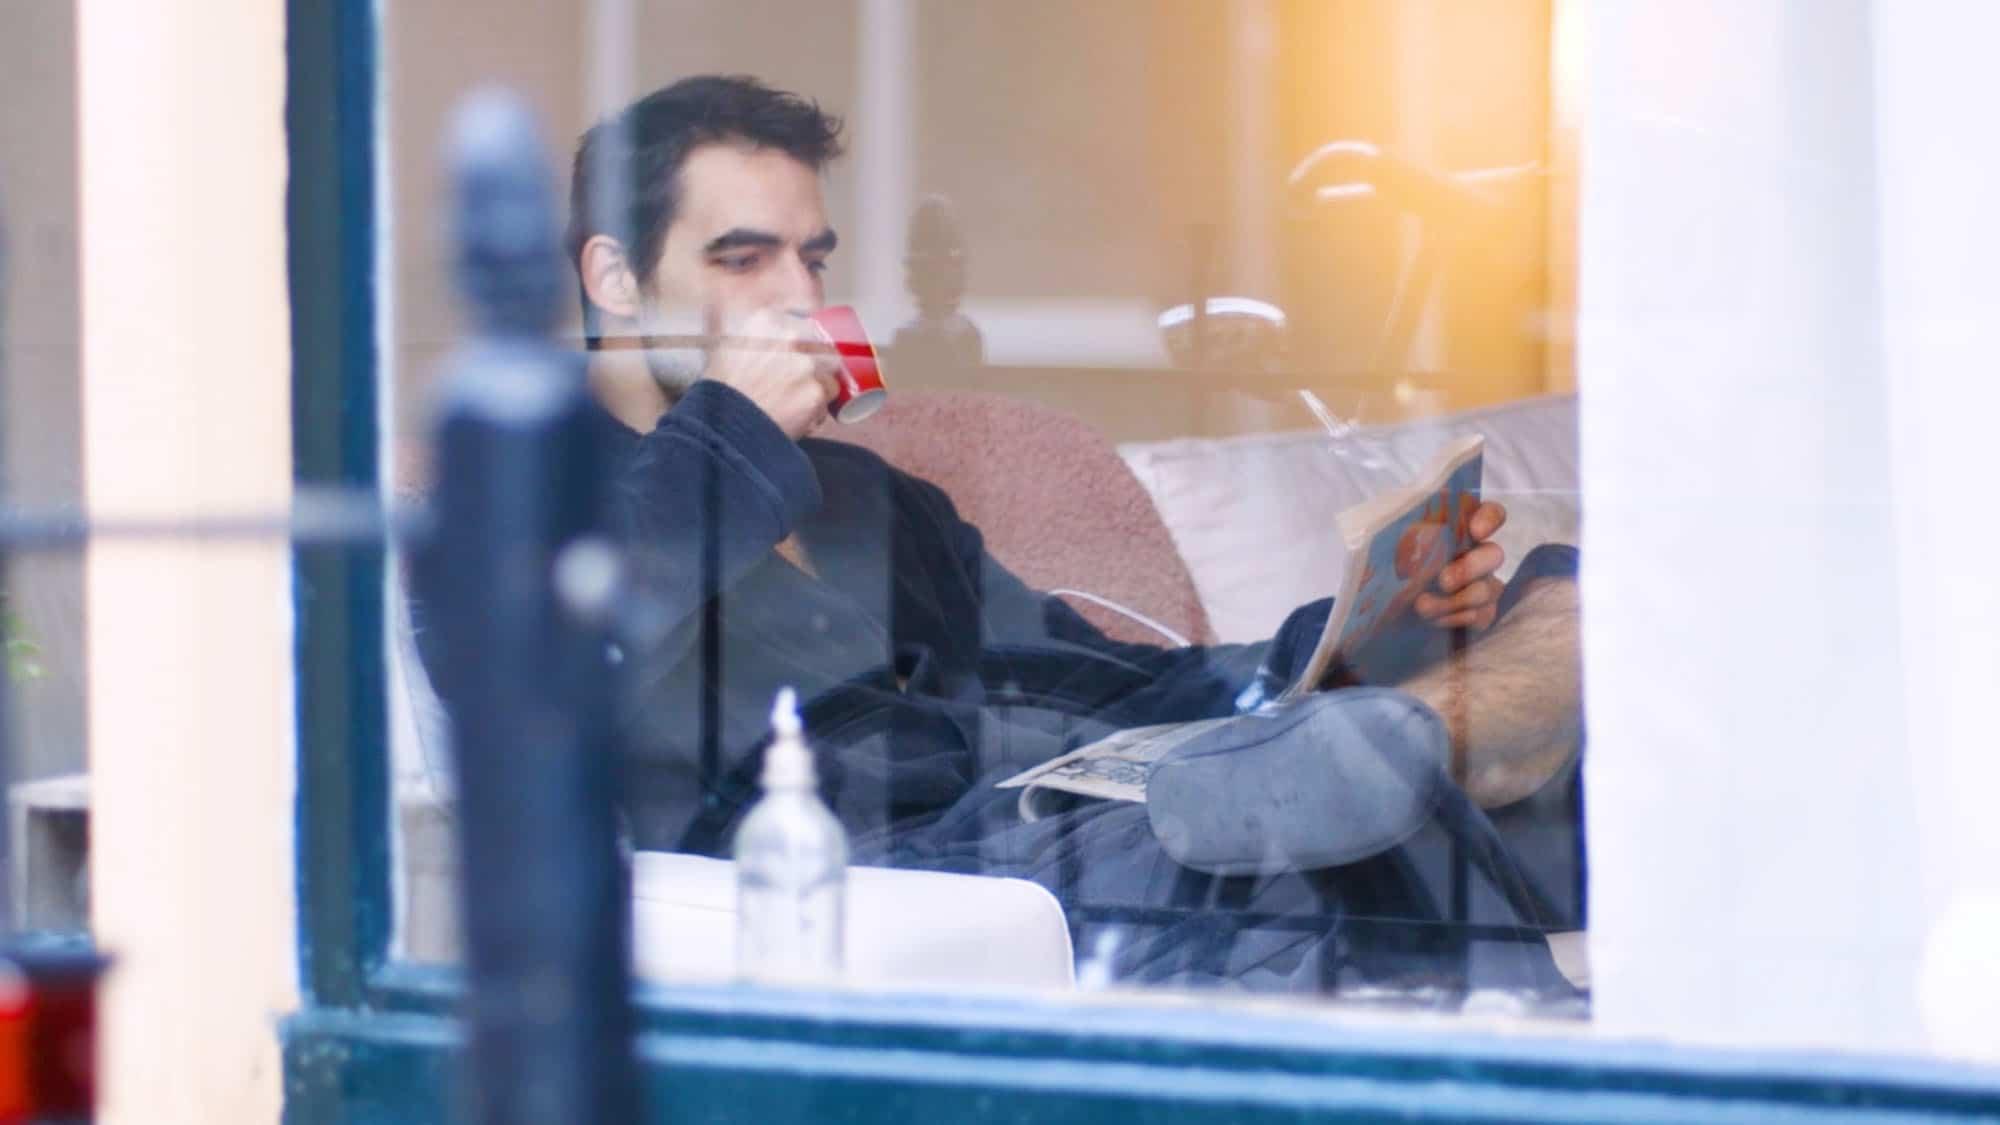 Een man zit koffiedrinkend achter het raam en leest de krant